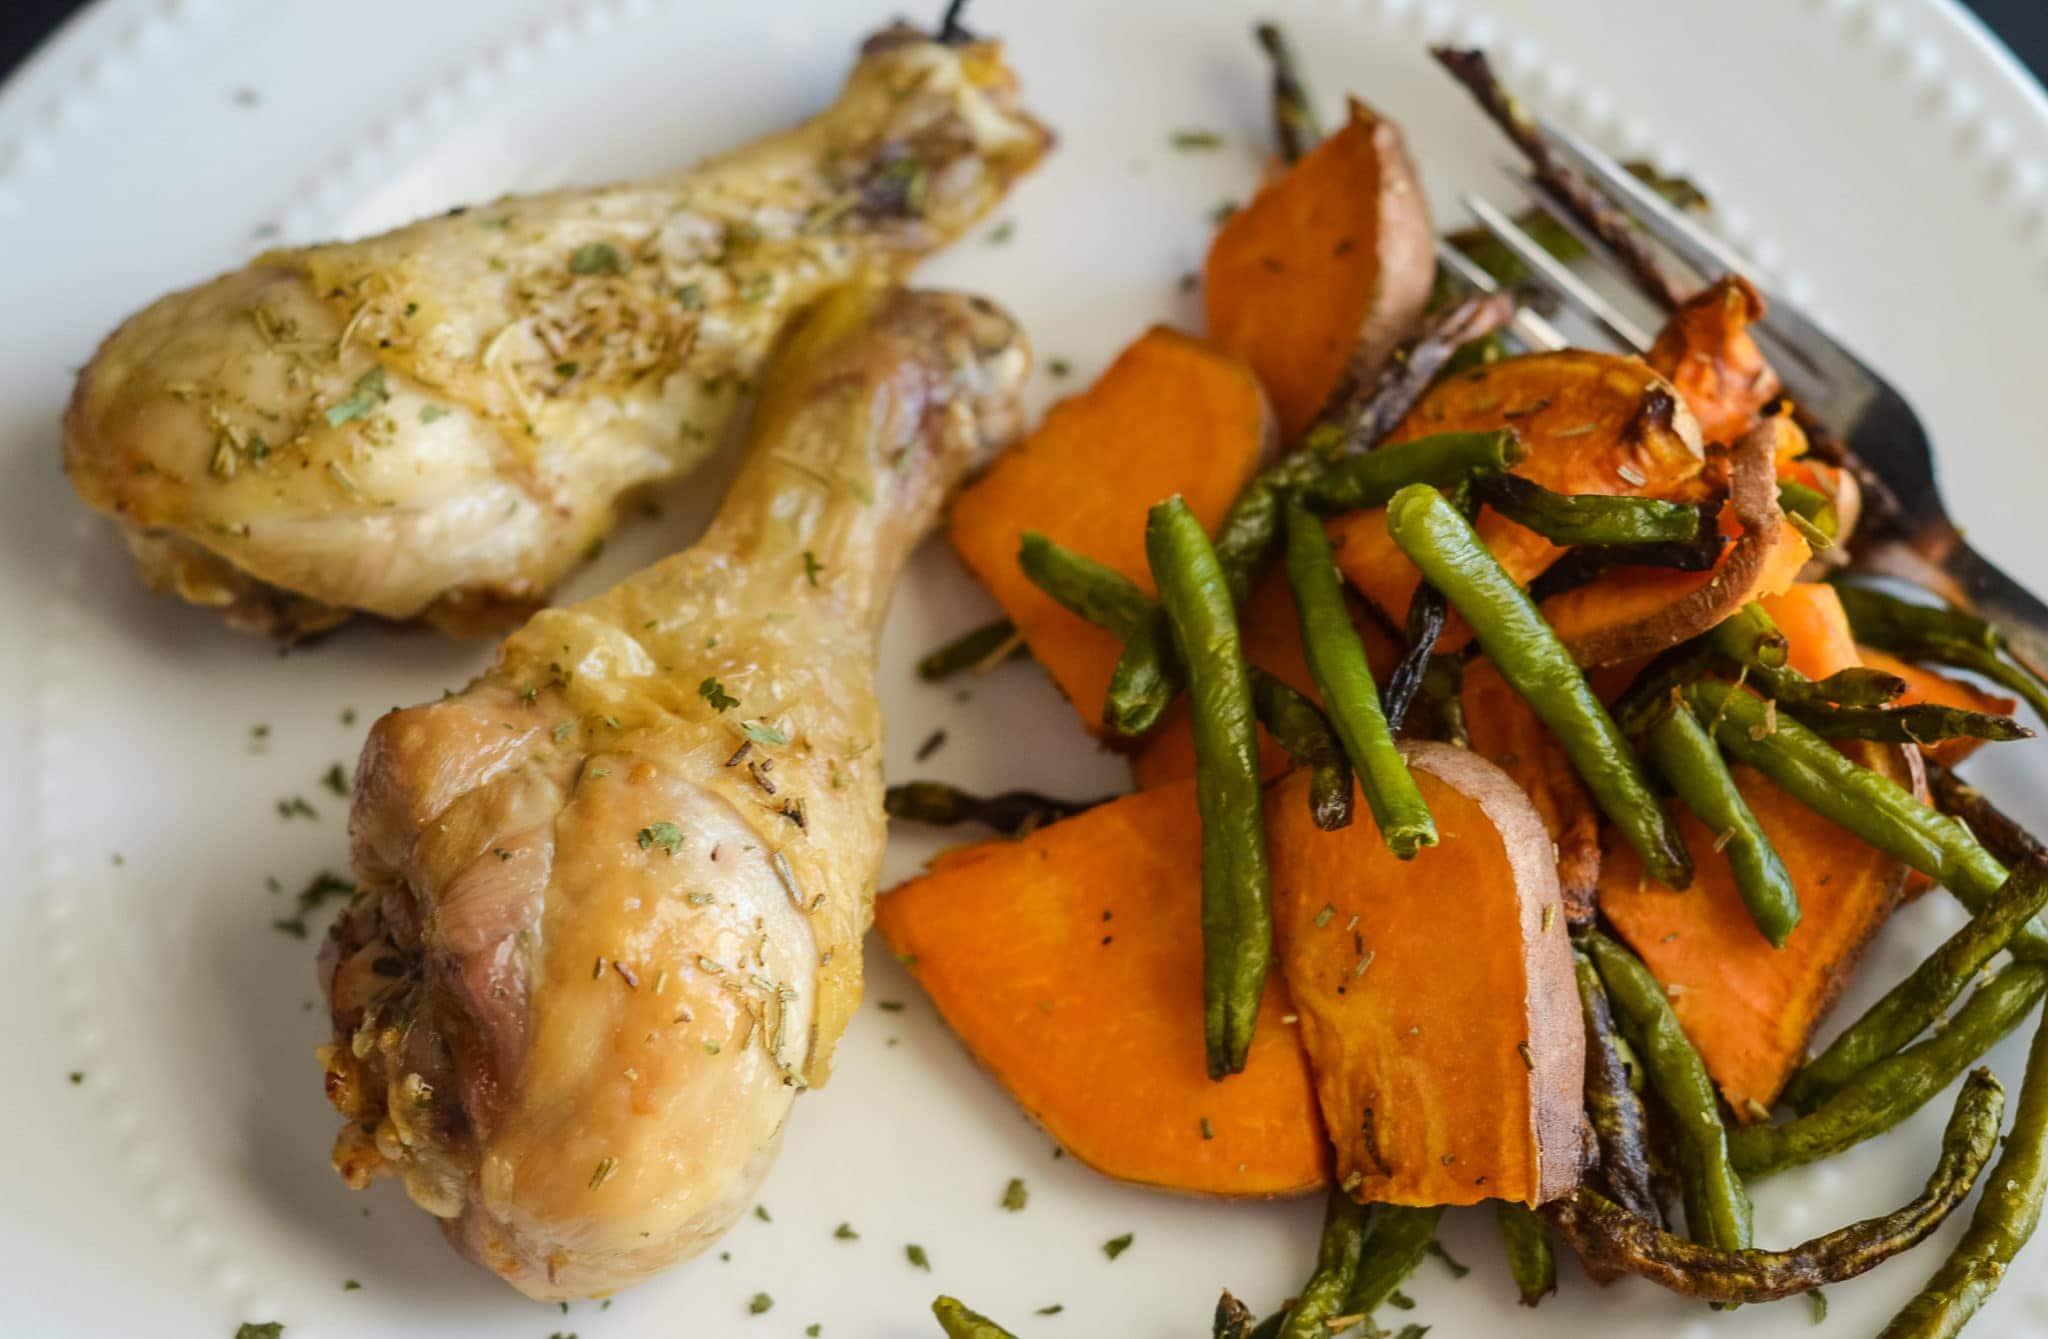 Air Fryer Chicken Drumsticks with Vegetables